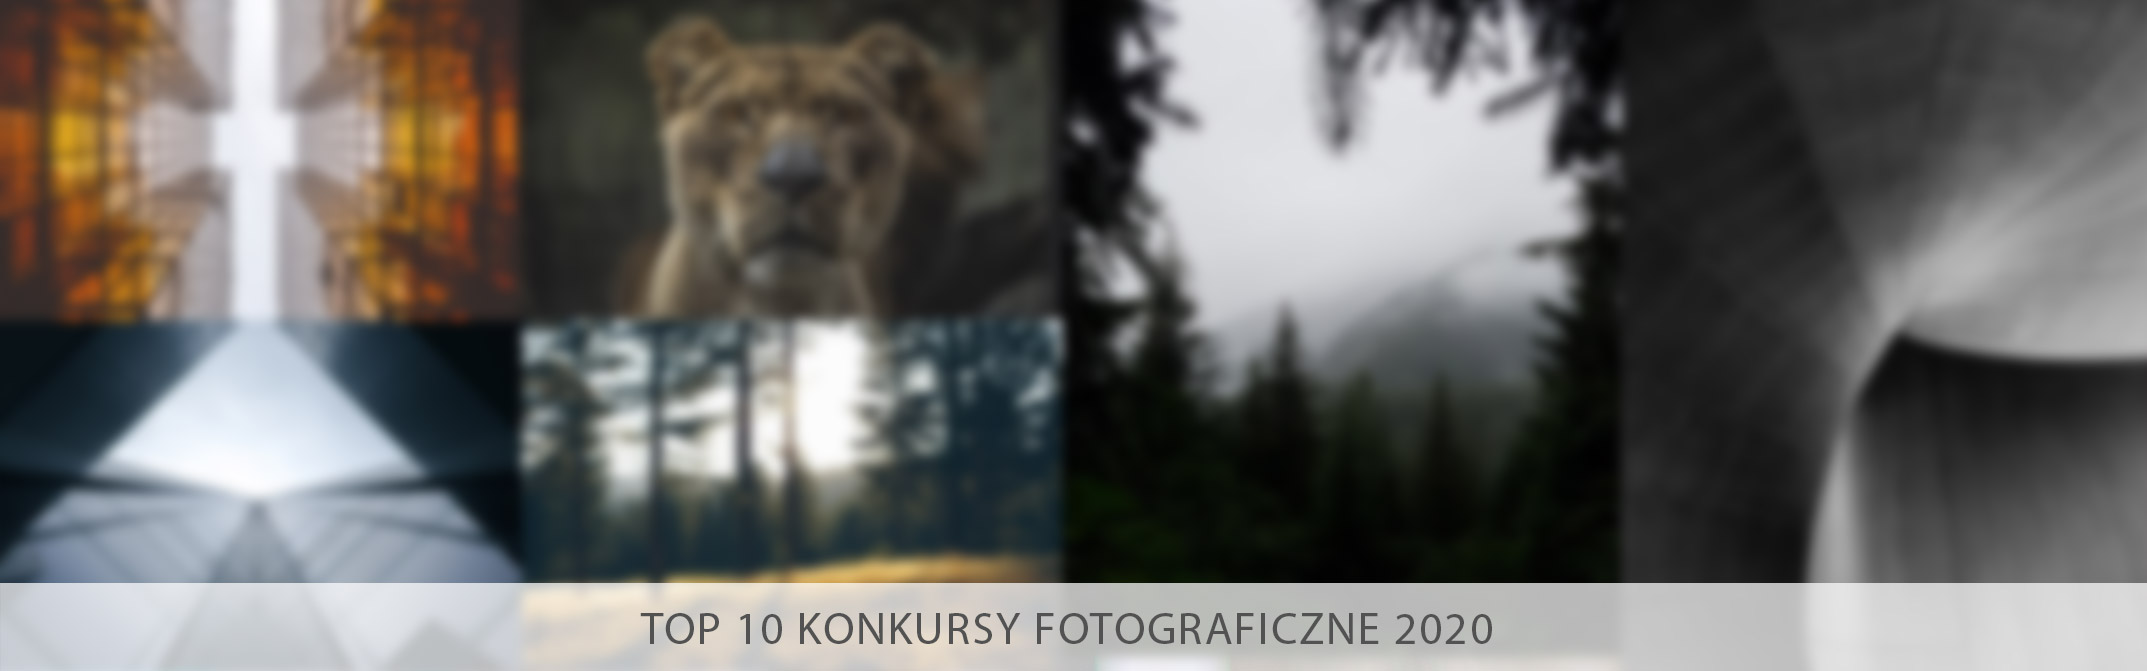 Lista najlepszych konkursów fotograficznych w 2020 roku